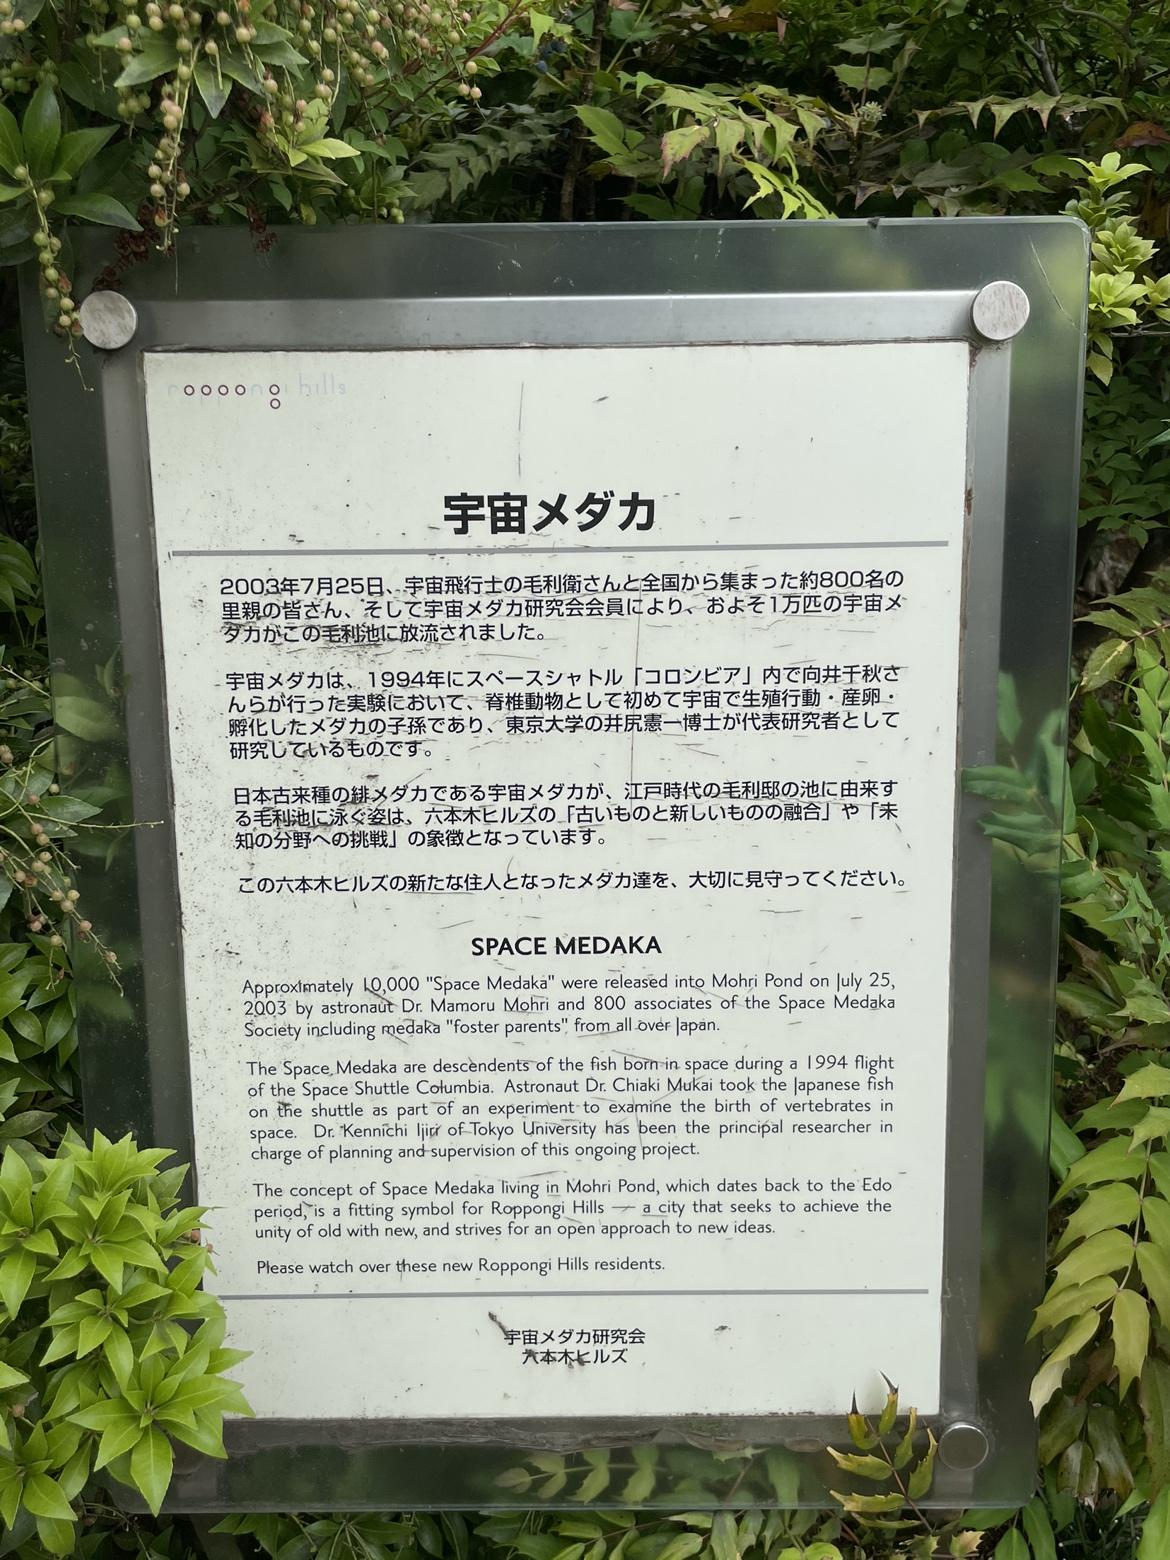 瓢喜,西麻布,六本木,六本木ヒルズ,宇宙メダカ,毛利庭園